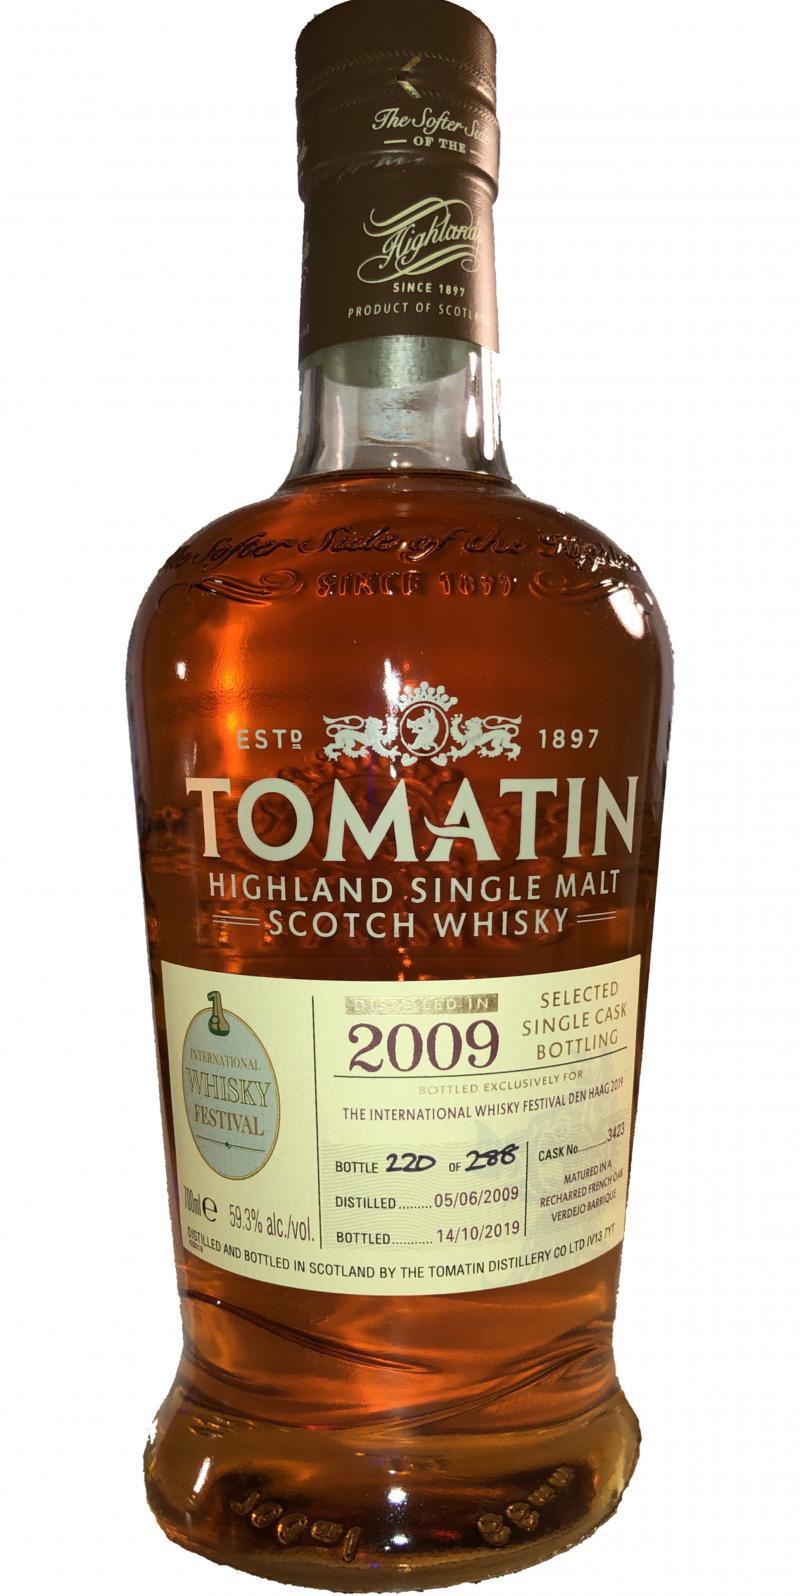 Tomatin 2009 Single Cask